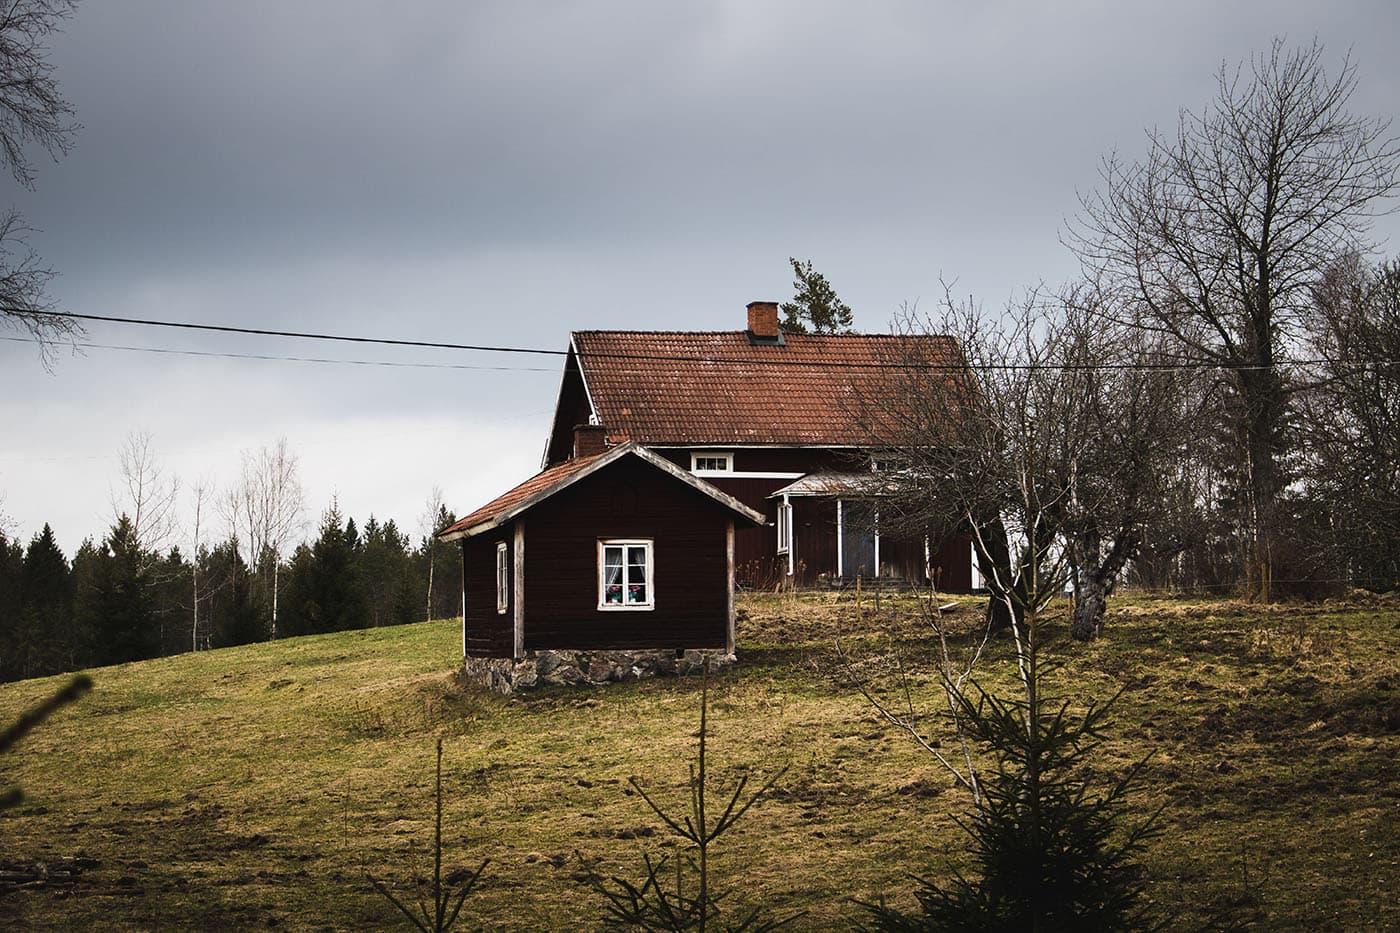 Dränering Borlänge, Dränera Hus Borlänge, Dränering källare, Dränering källare Borlänge, Dränering Dalarna, Husdränering Borlänge, Markarbeten Borlänge bild